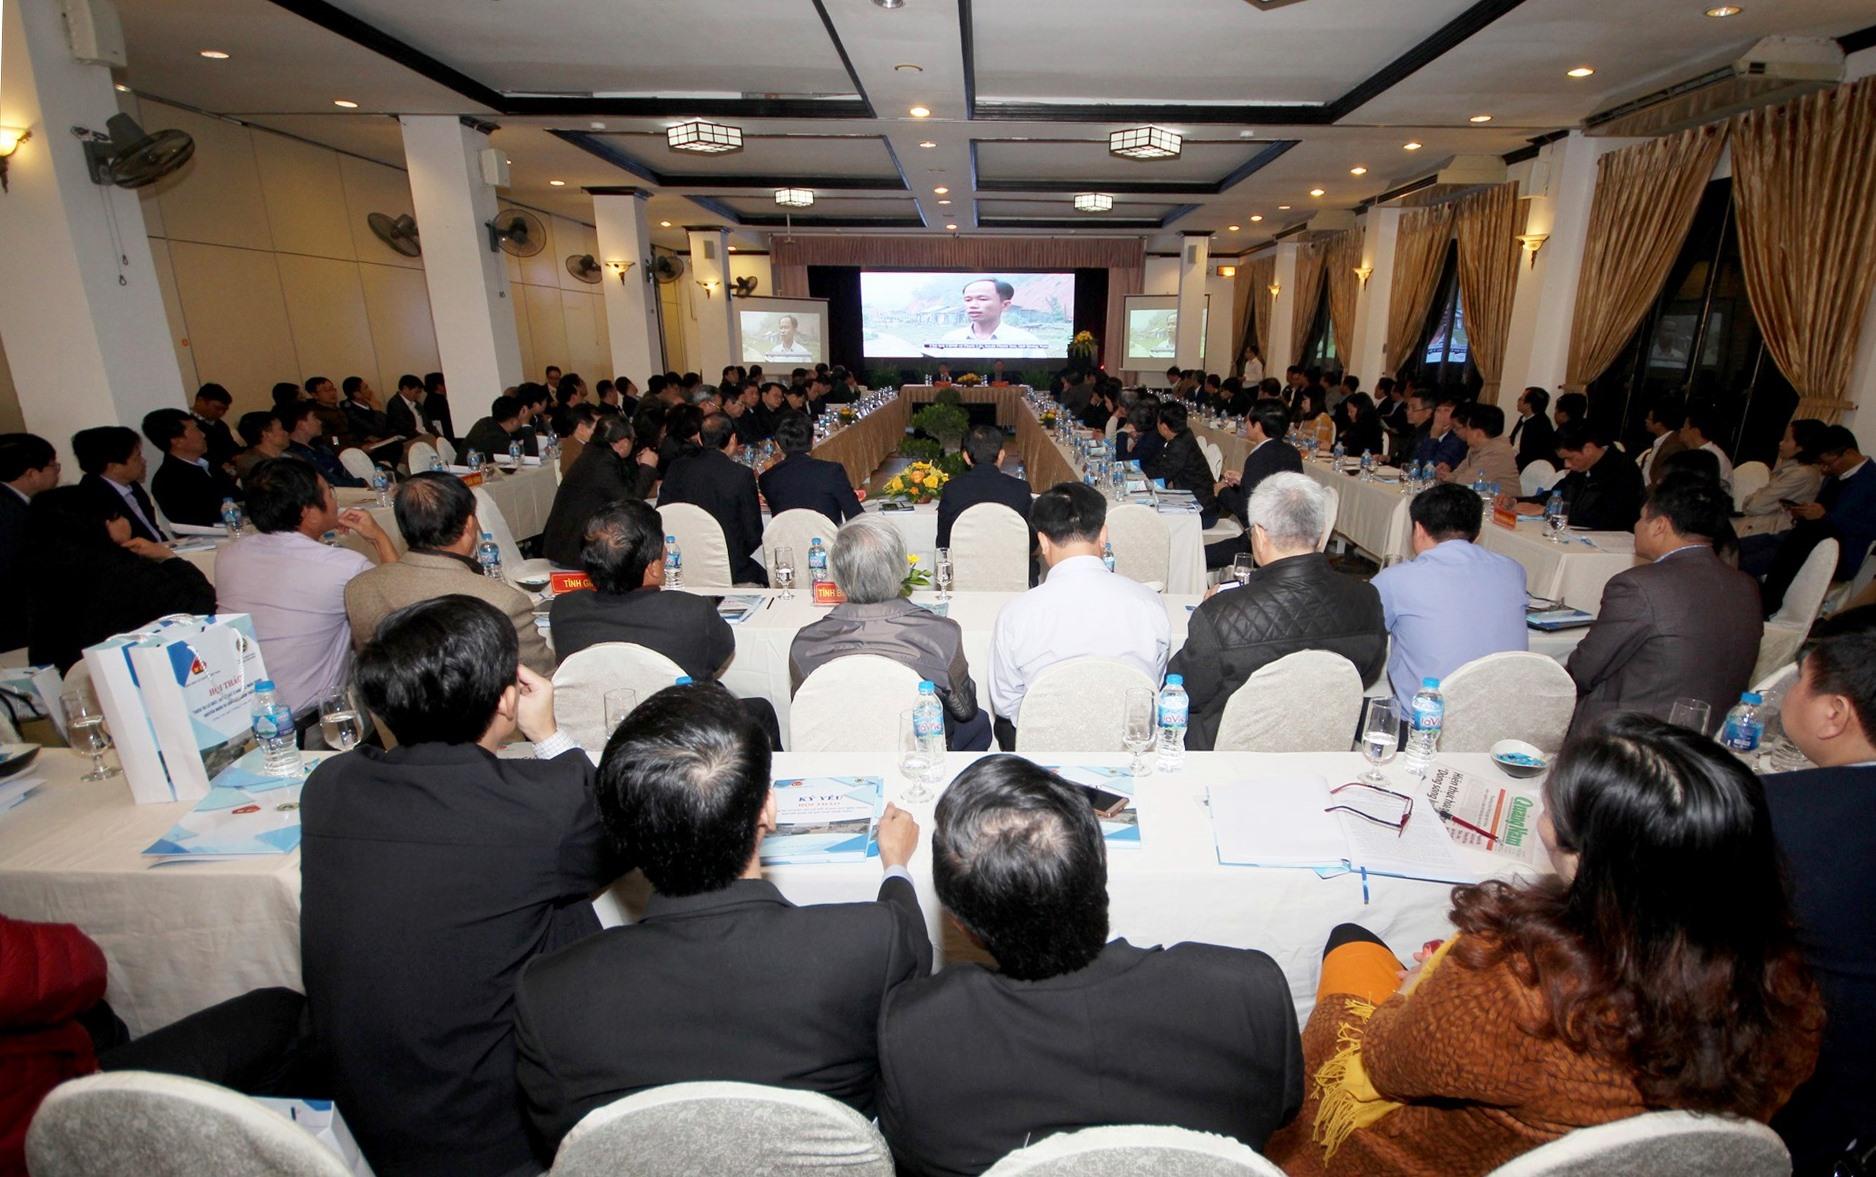 Rất đông đại biểu các Bộ ngành, lãnh đạo chính quyền, sở ban ngành các địa phương và nhiều chuyên gia hàng đầu tham dự hội thảo. Ảnh: T.C